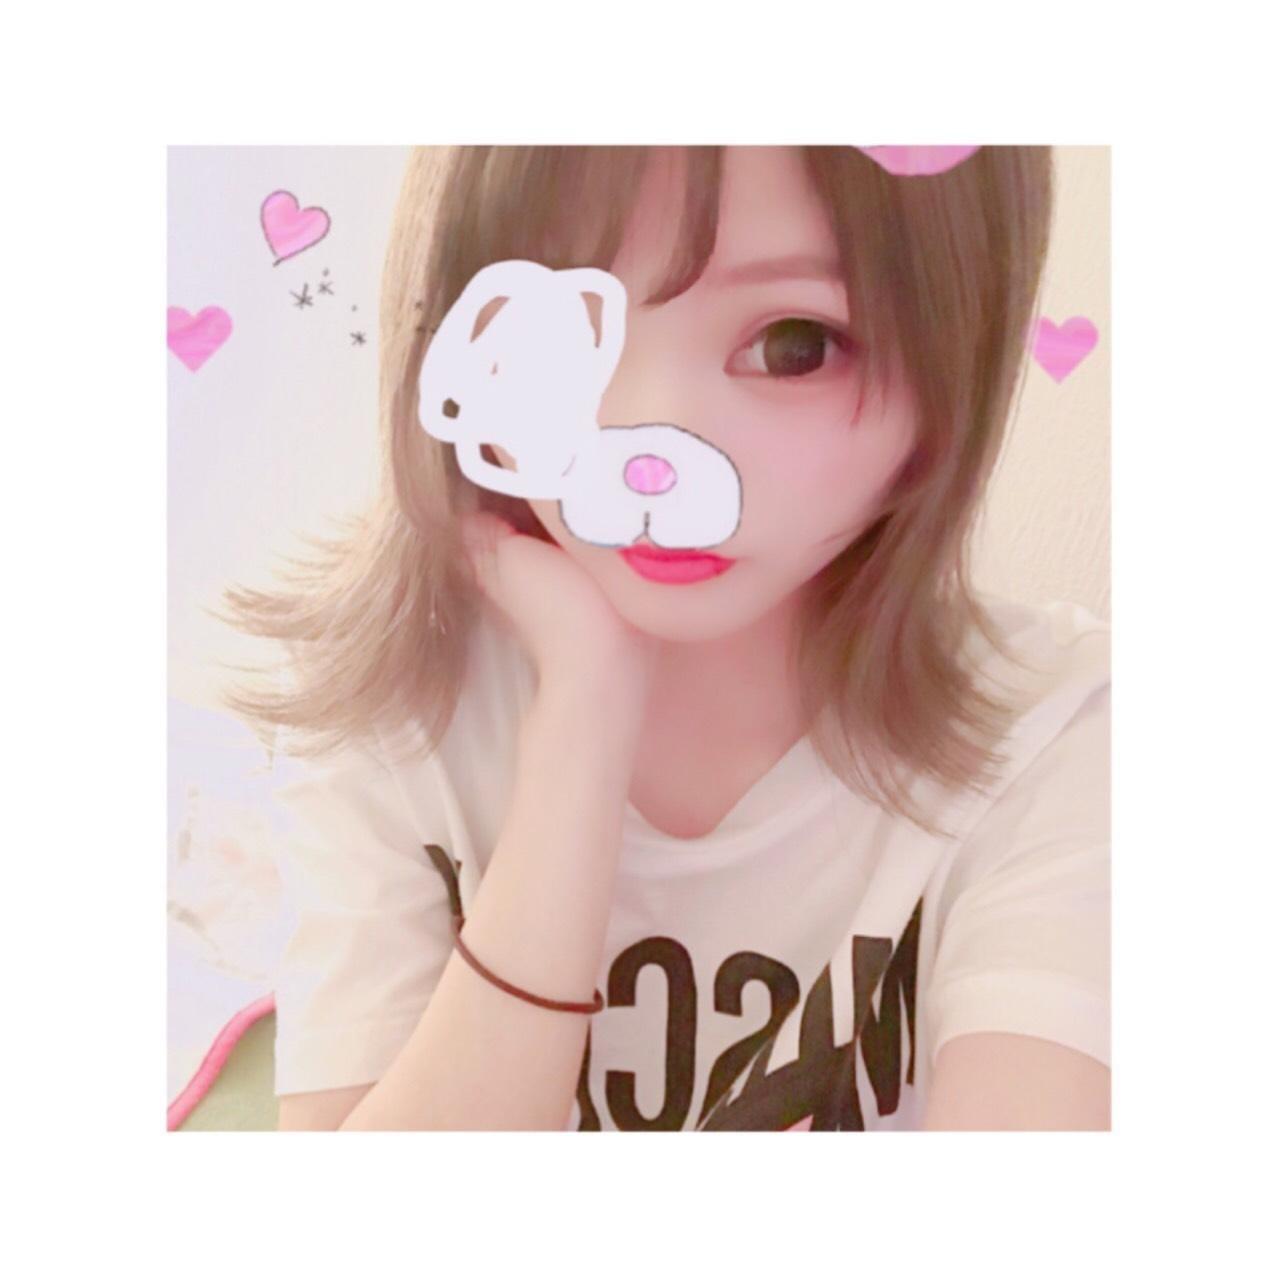 「出勤?」10/01(月) 21:53   ナギの写メ・風俗動画